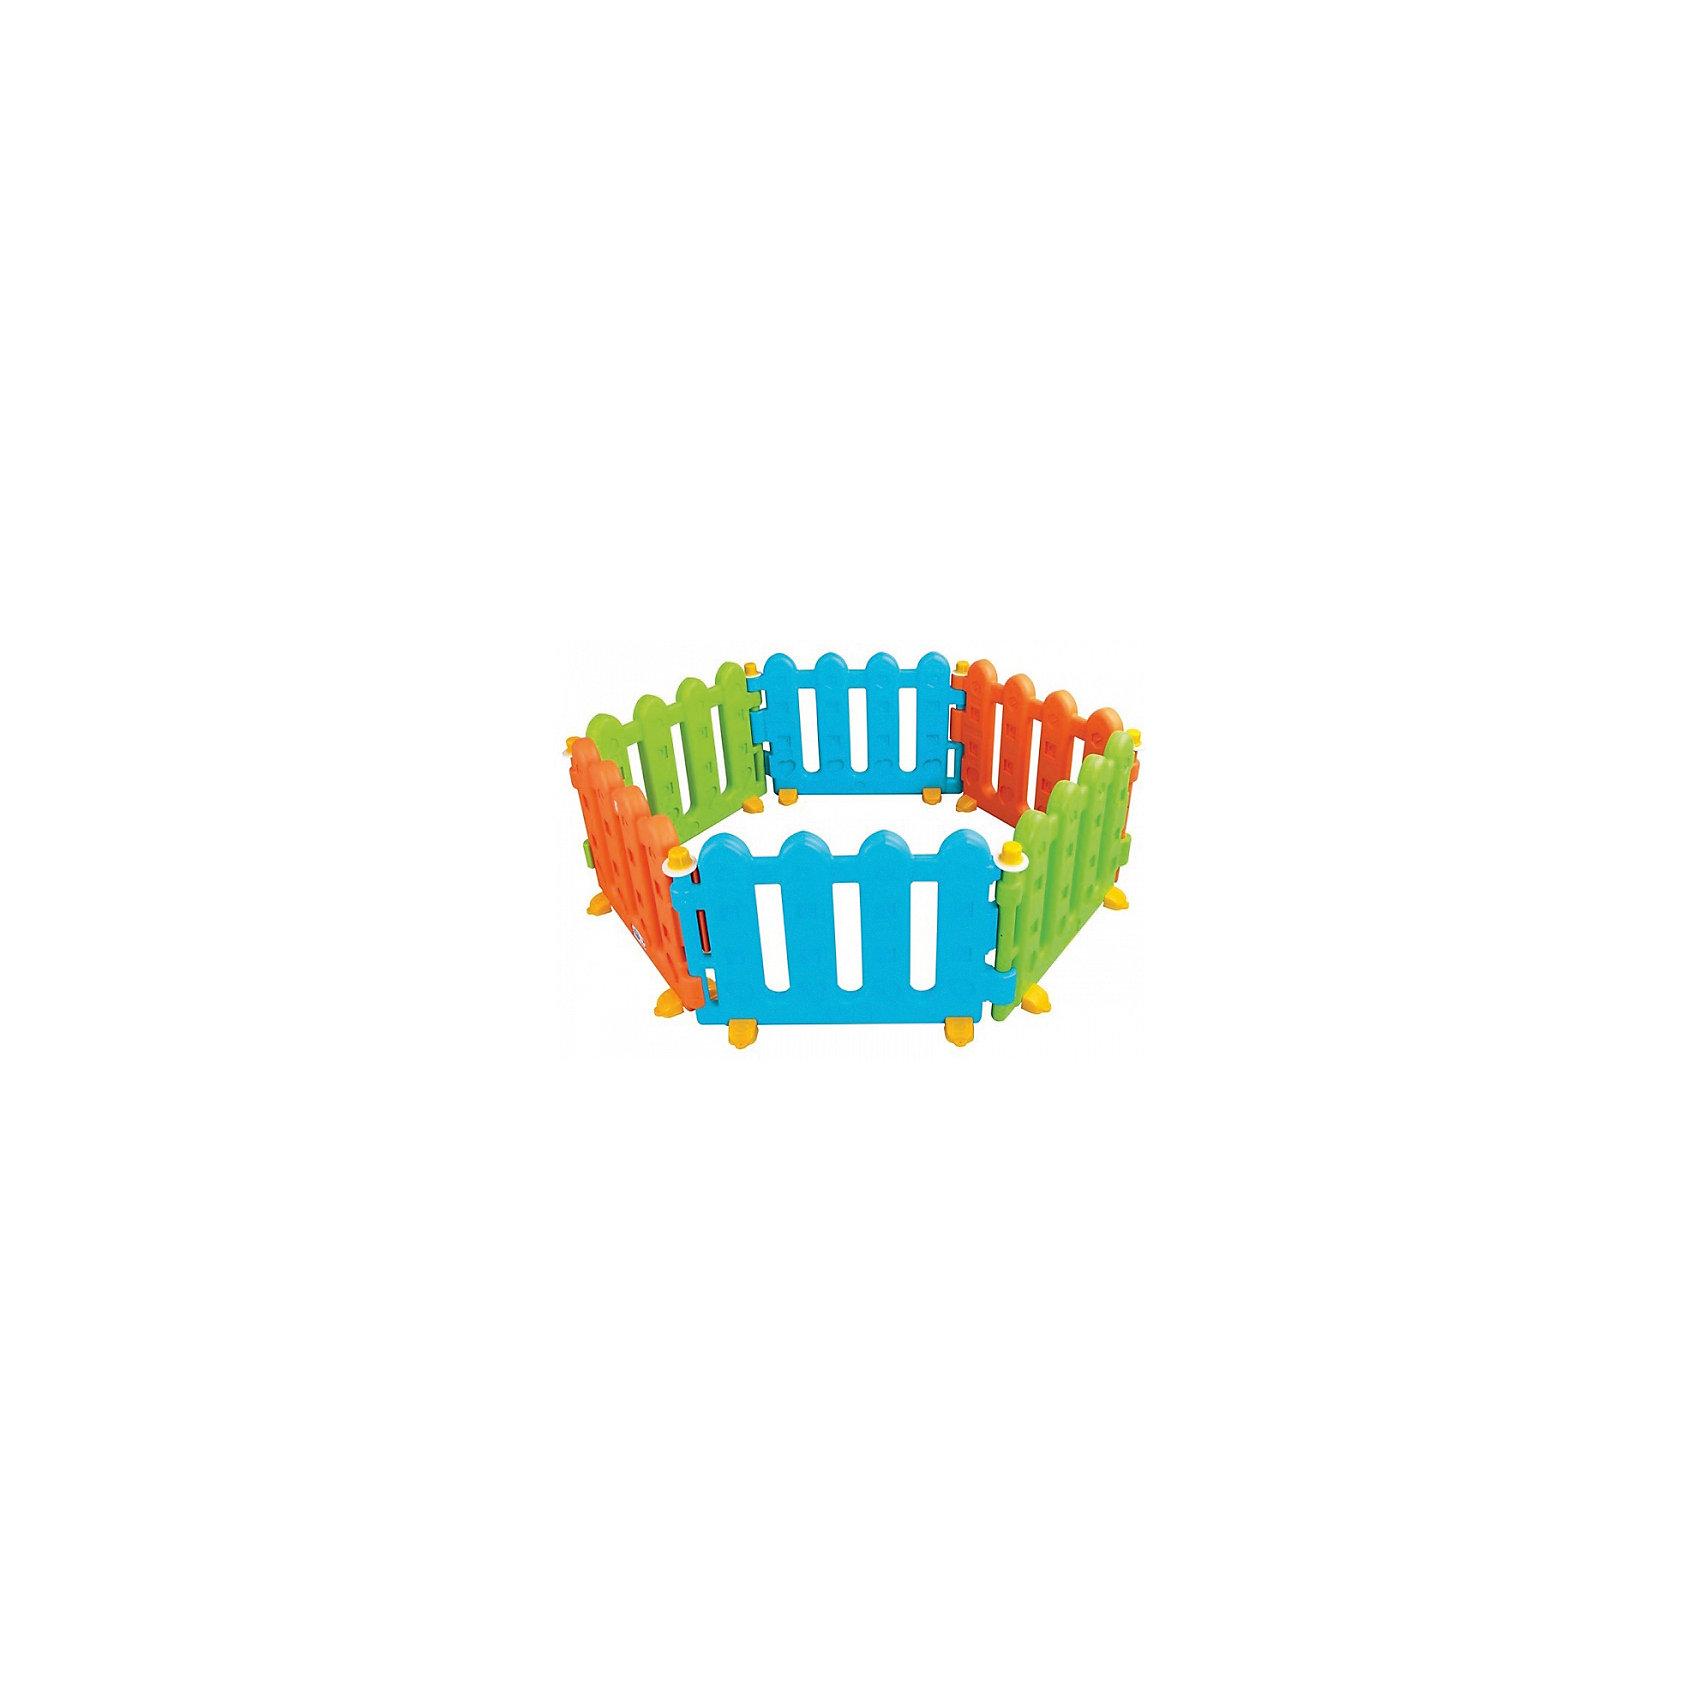 Ограждение PLAY, 6 деталей, PILSANДомики и мебель<br>Характеристики товара:<br><br>• возраст: от 1 года<br>• безвинтовая конструкция<br>• легко собирается<br>• компактна в сложенном виде<br>• можно создать любую форму<br>• закругленные края<br>• состоит из 6 частей<br>• материал: пластик<br>• размер упаковки: 57х37х82 см<br>• вес: 14 кг<br><br>Ограждение PLAY PILSAN прекрасно подойдет для создания безопасной игровой зоны для малышей. <br><br>Ограждение состоит из 6 частей, которые легко соединяются друг с другом. Вы сможете собрать любую геометрическую форму, удобную для вас и ребенка. <br><br>Изделие выполнено из качественного безопасного пластика и окрашено нетоксичными красками. Закругленные края препятствуют получению возможных травм. <br><br>Ограждение PLAY, PILSAN (Пилсан) можно купить в нашем интернет-магазине.<br><br>Ширина мм: 820<br>Глубина мм: 370<br>Высота мм: 570<br>Вес г: 14000<br>Возраст от месяцев: 12<br>Возраст до месяцев: 36<br>Пол: Унисекс<br>Возраст: Детский<br>SKU: 5512009